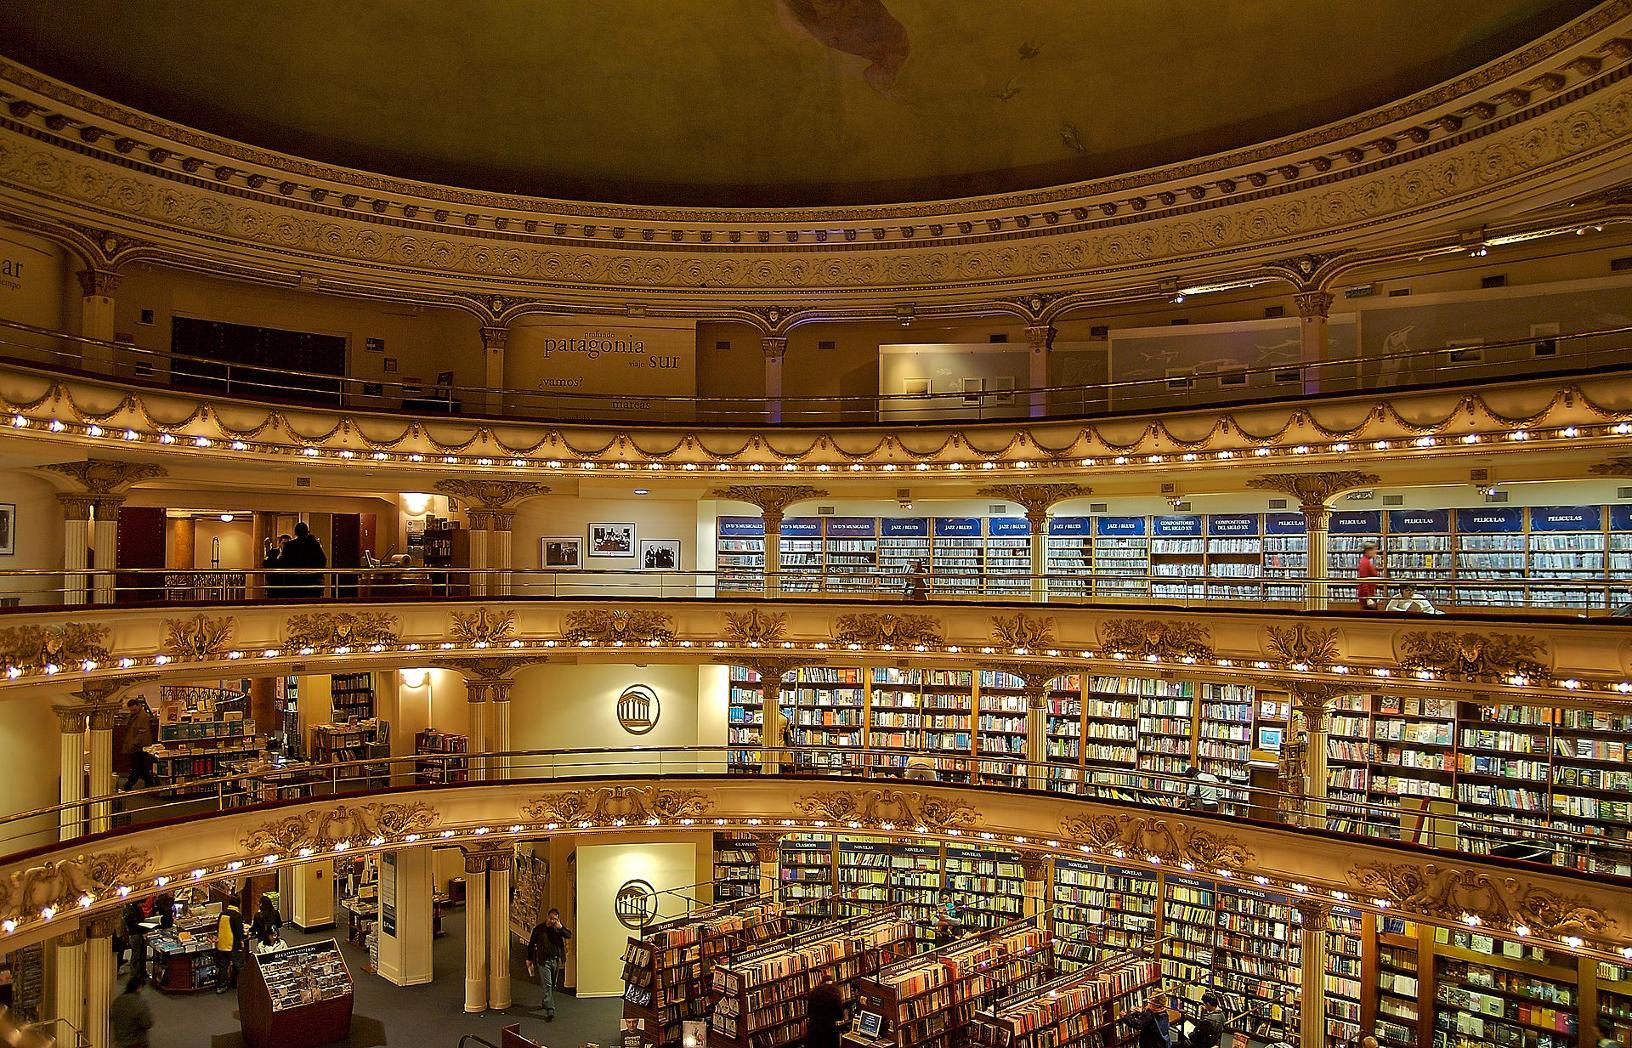 el_ateneo_bookstore_copyright_david_flickr